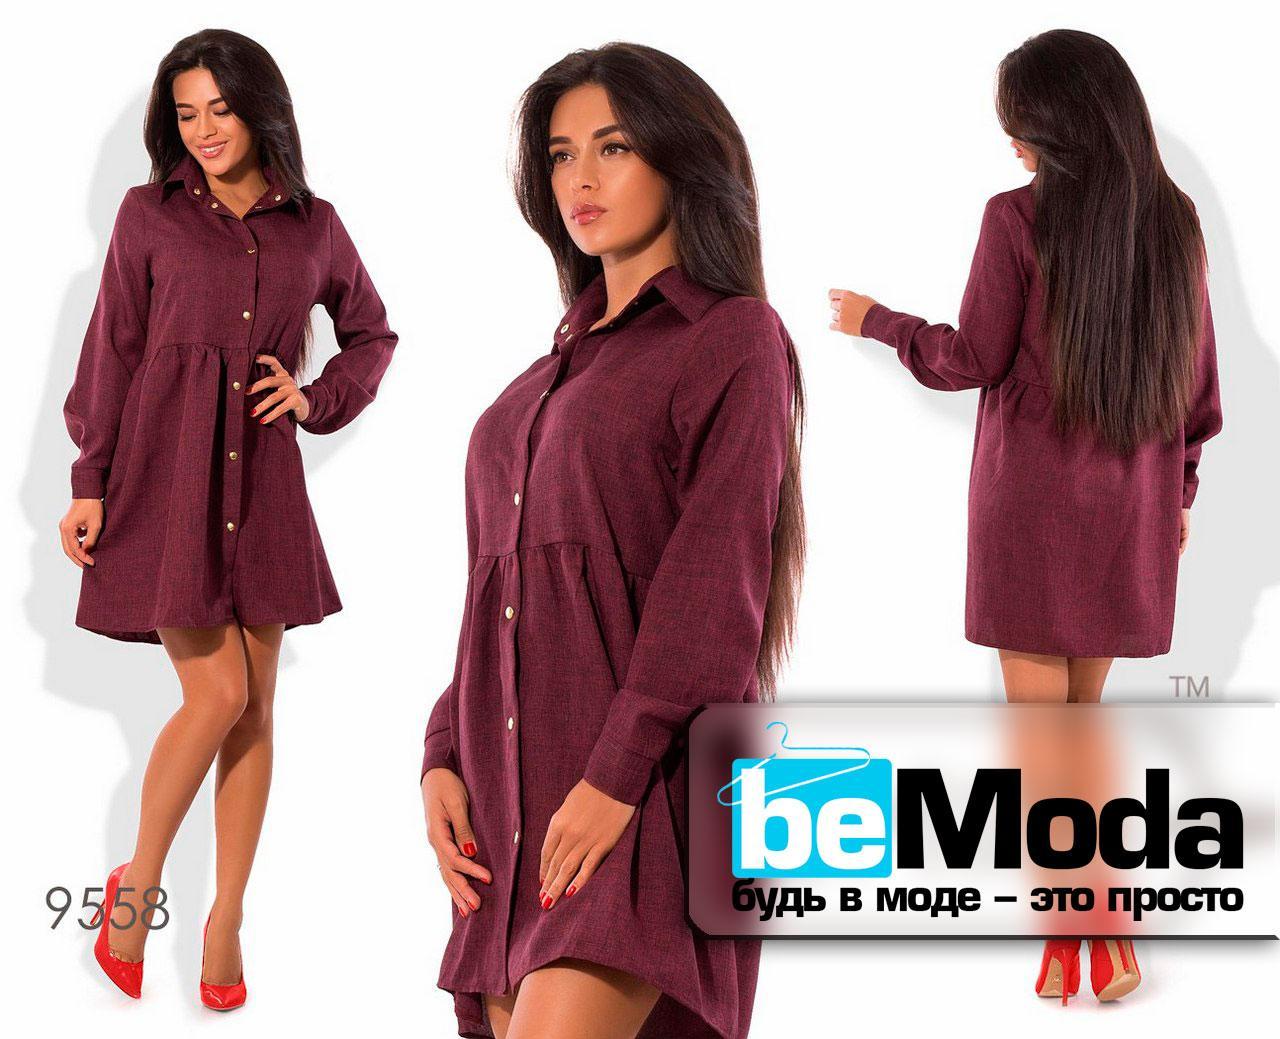 Свободное женское платье рубашечного кроя бордовое - Модная одежда, обувь и аксессуары интернет-магазин BeModa.com.ua в Белой Церкви